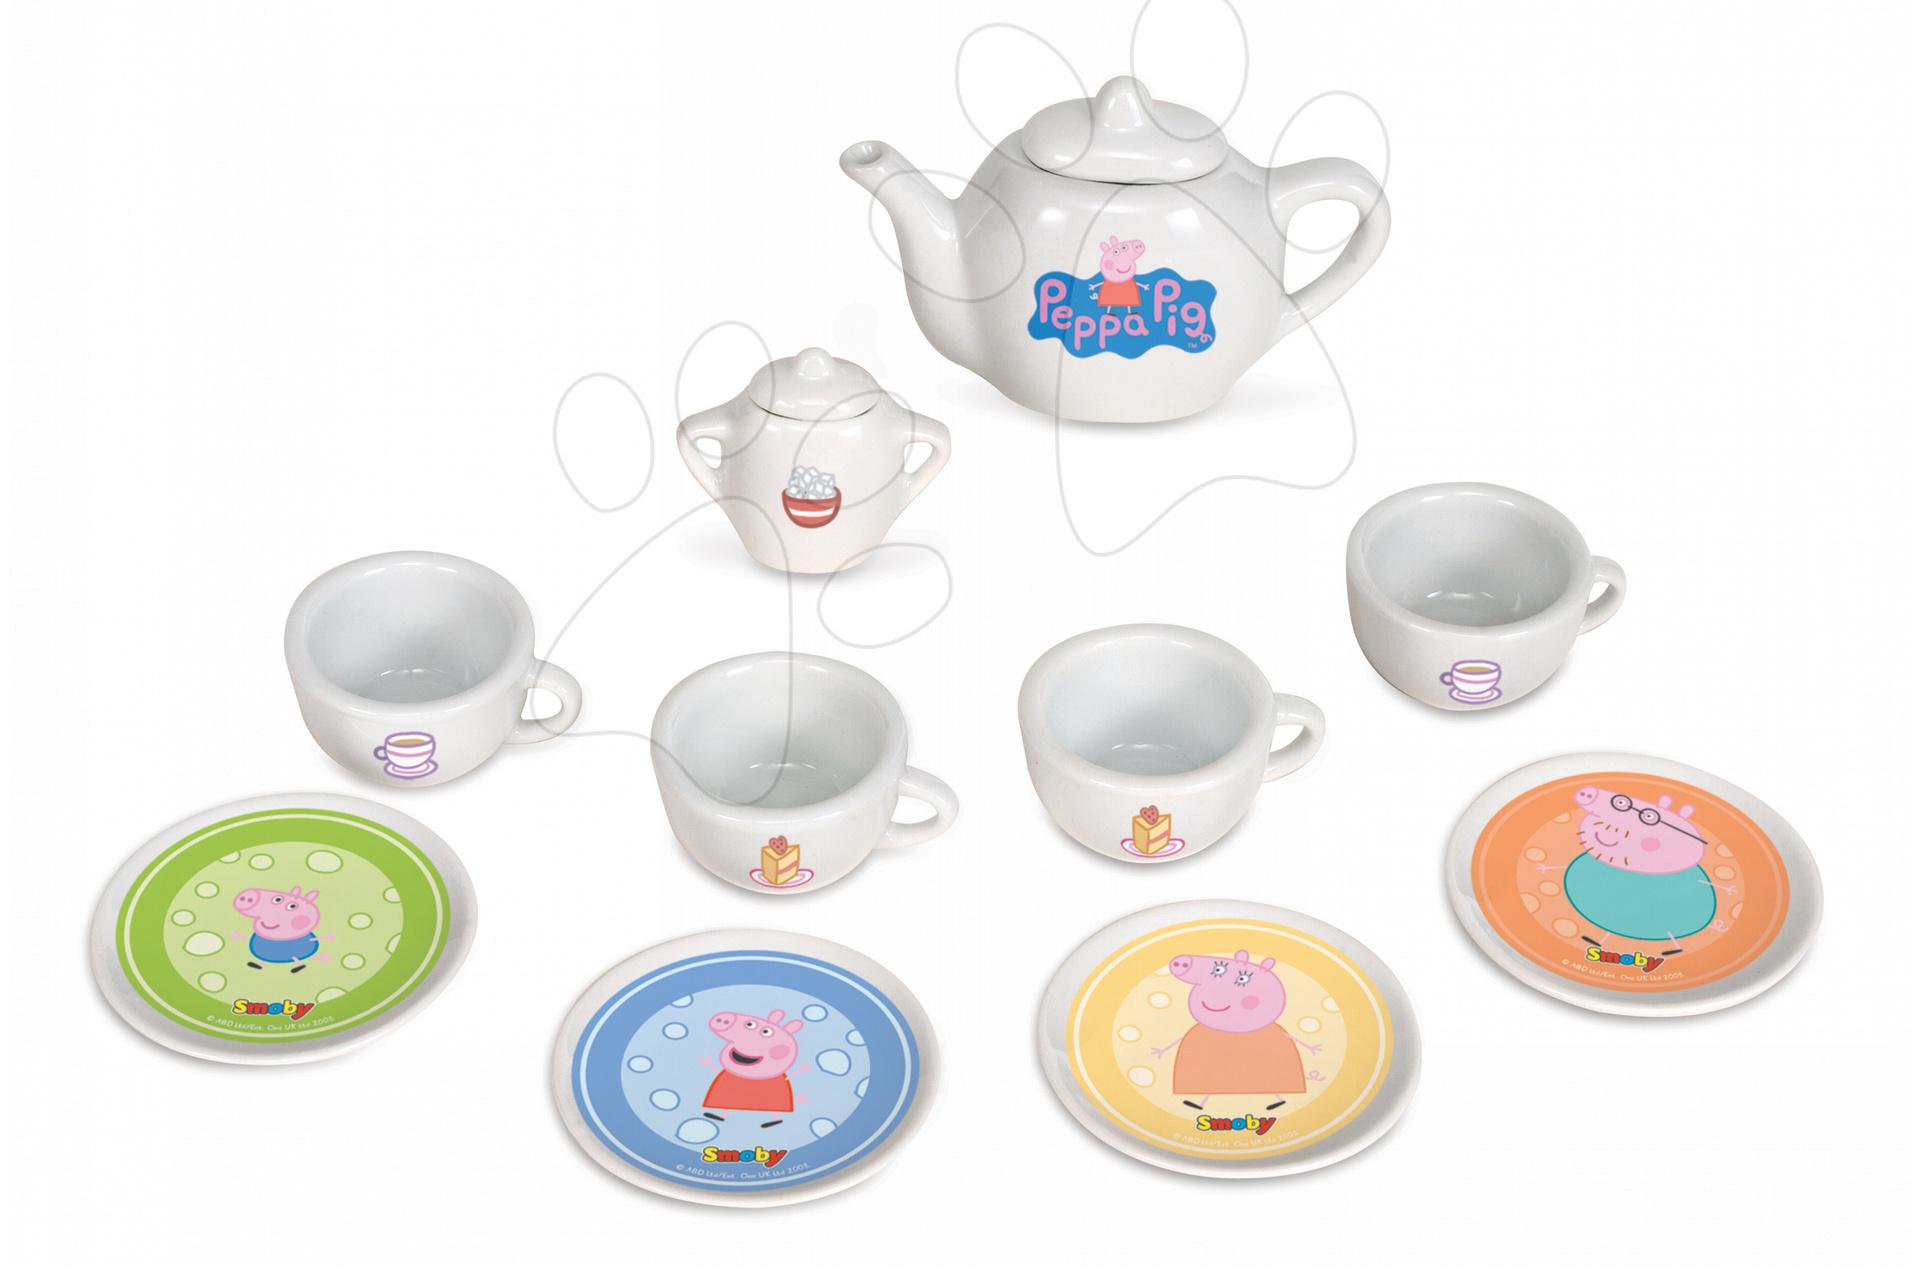 Peppa Pig porcelánový čajový set Smoby 12 kusový